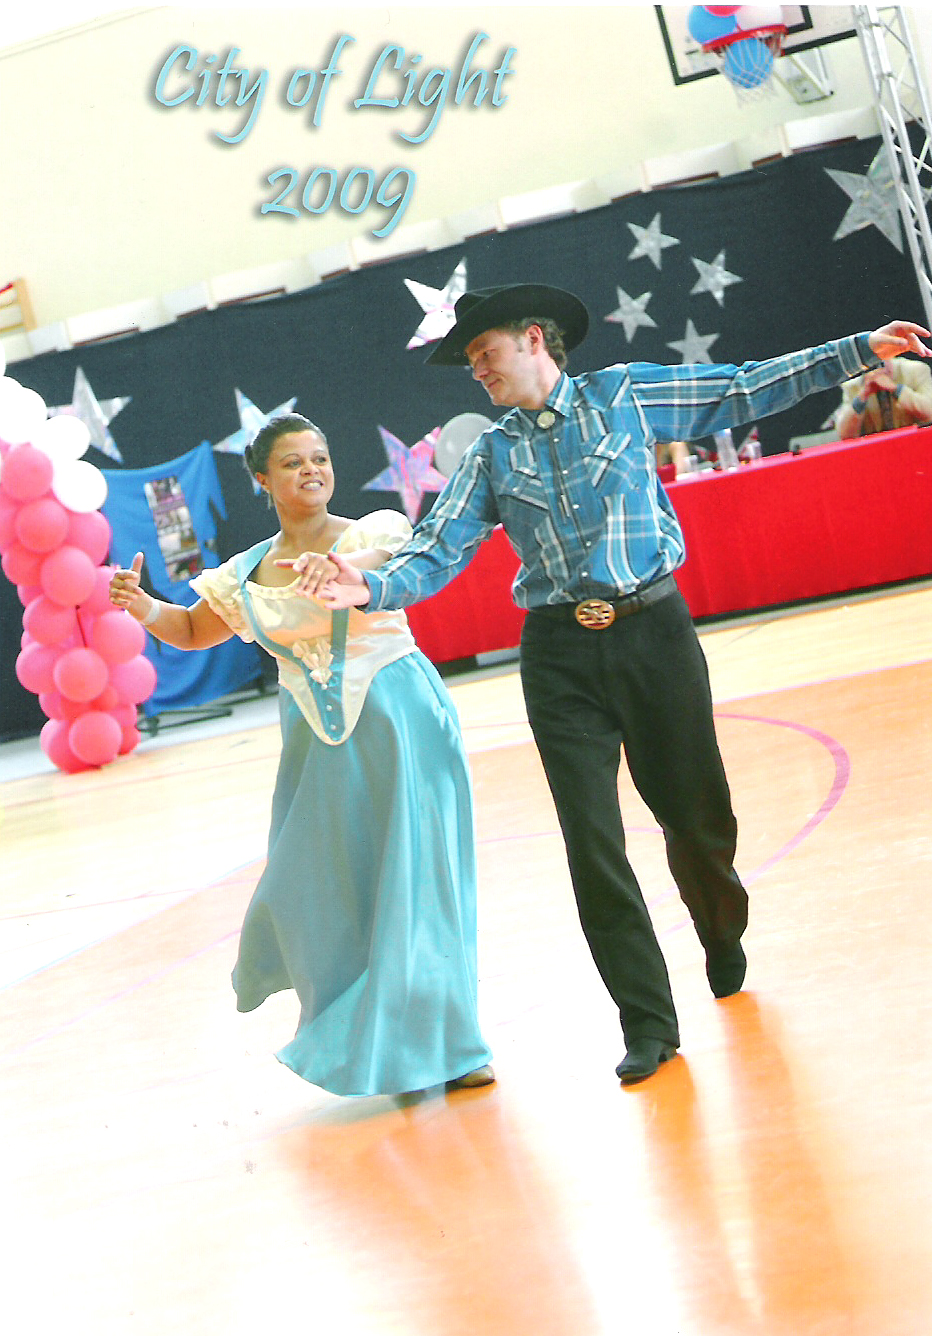 Boston,Valse américaine, danse country en couple